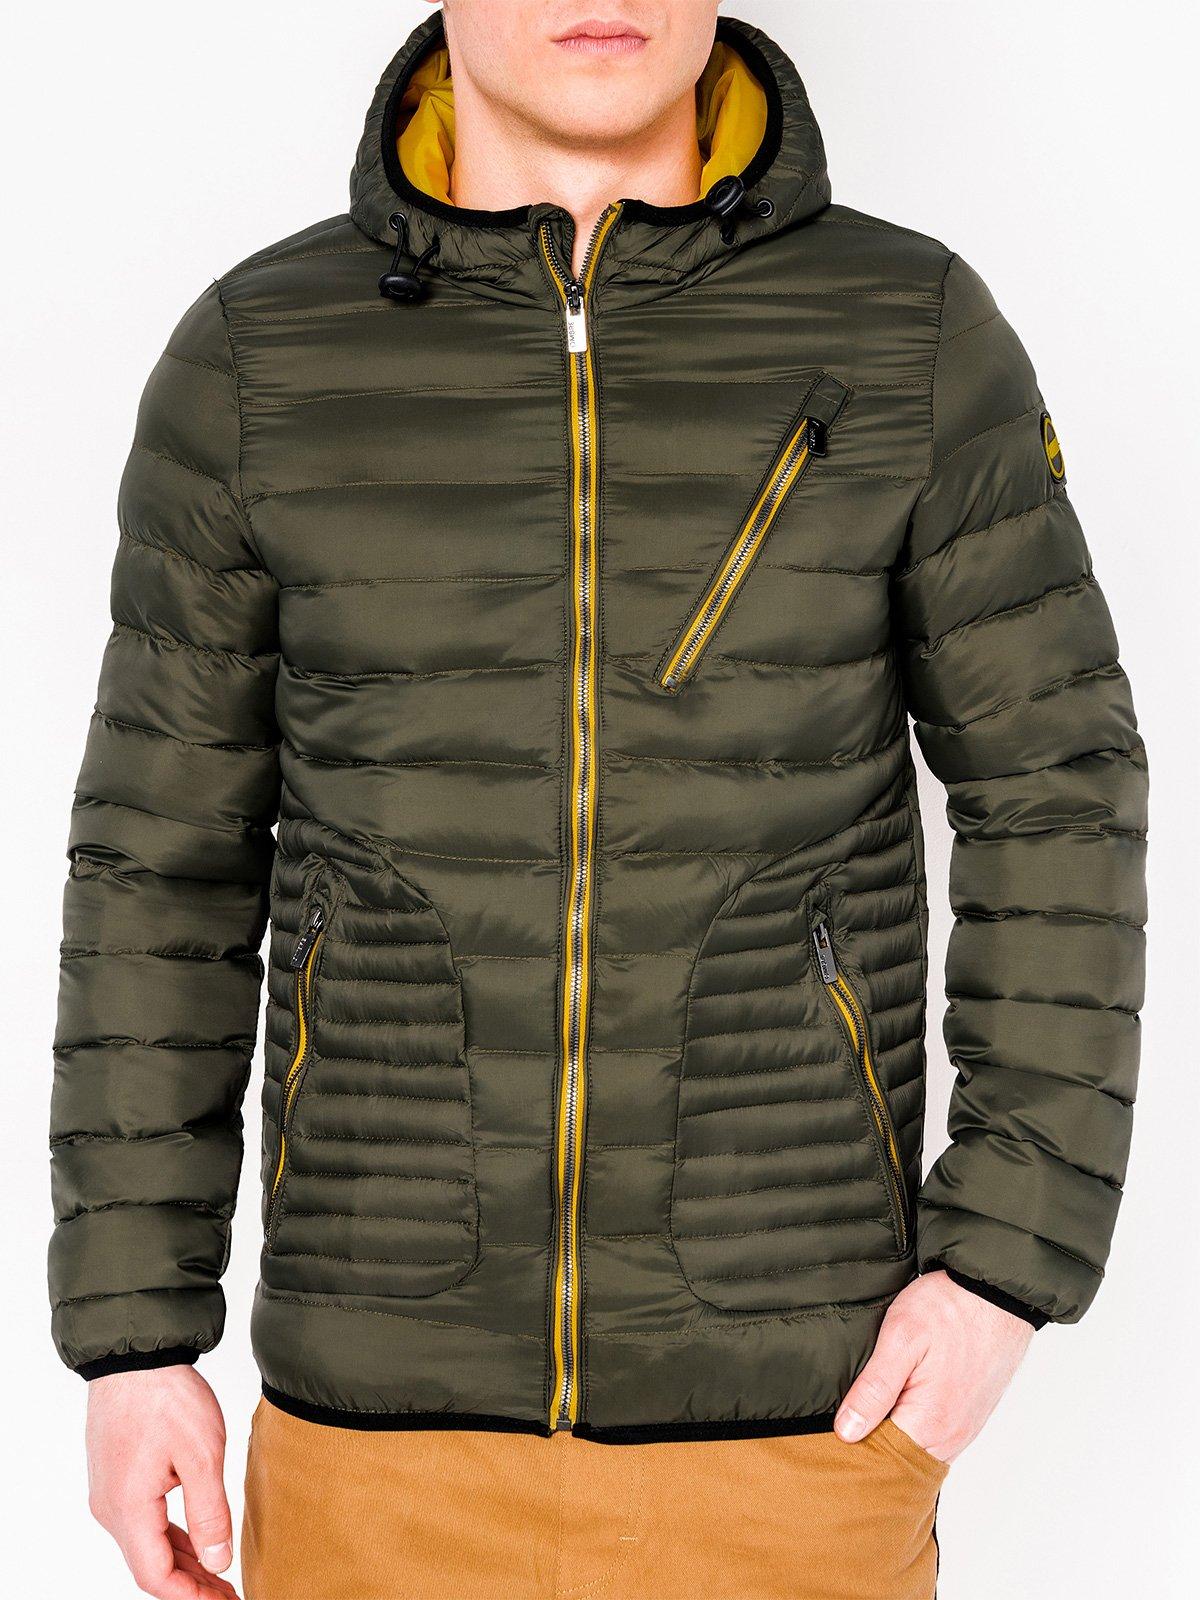 Купить Куртка чоловіча демісезонна стьобана C377 - хакі, Ombre Clothing